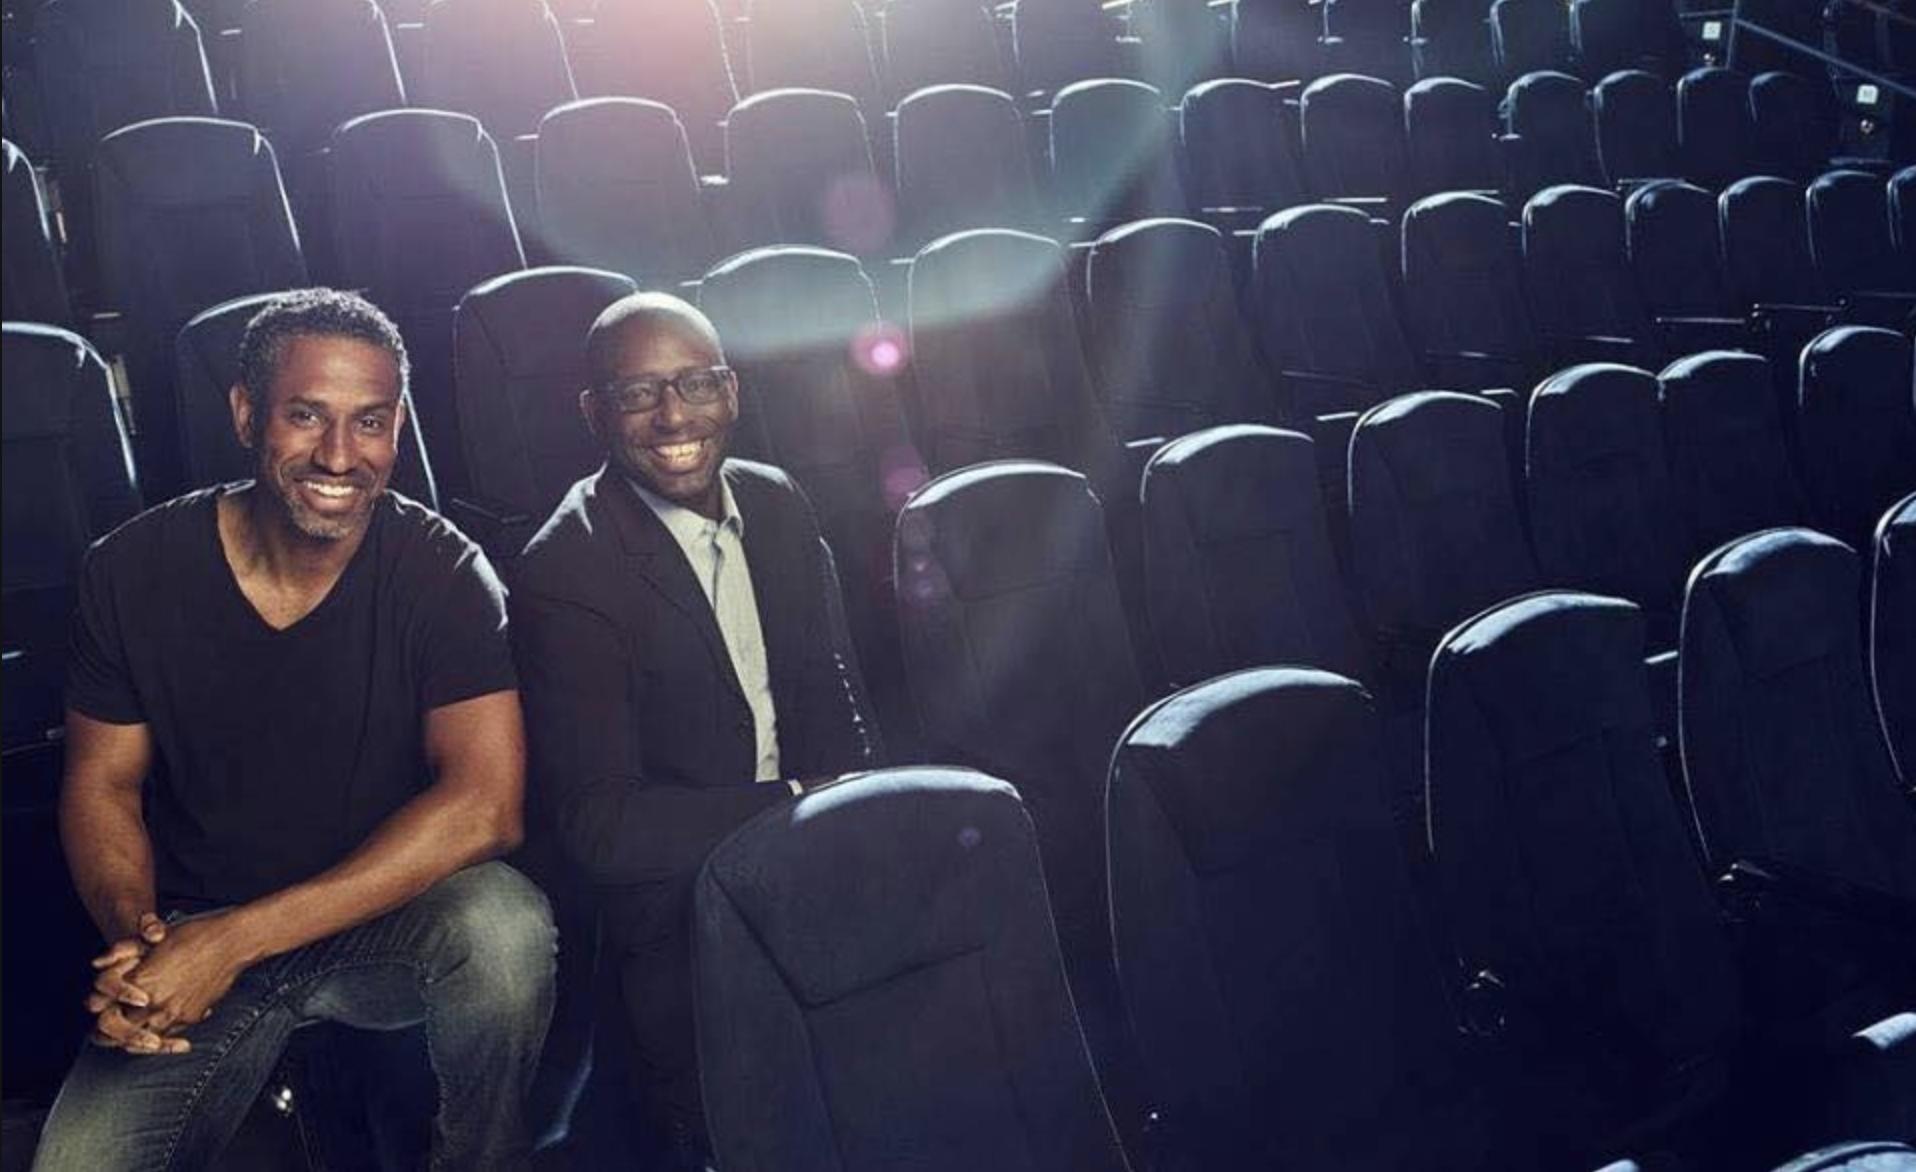 MoviePass founders Hamet Watt and Stacy Spikes